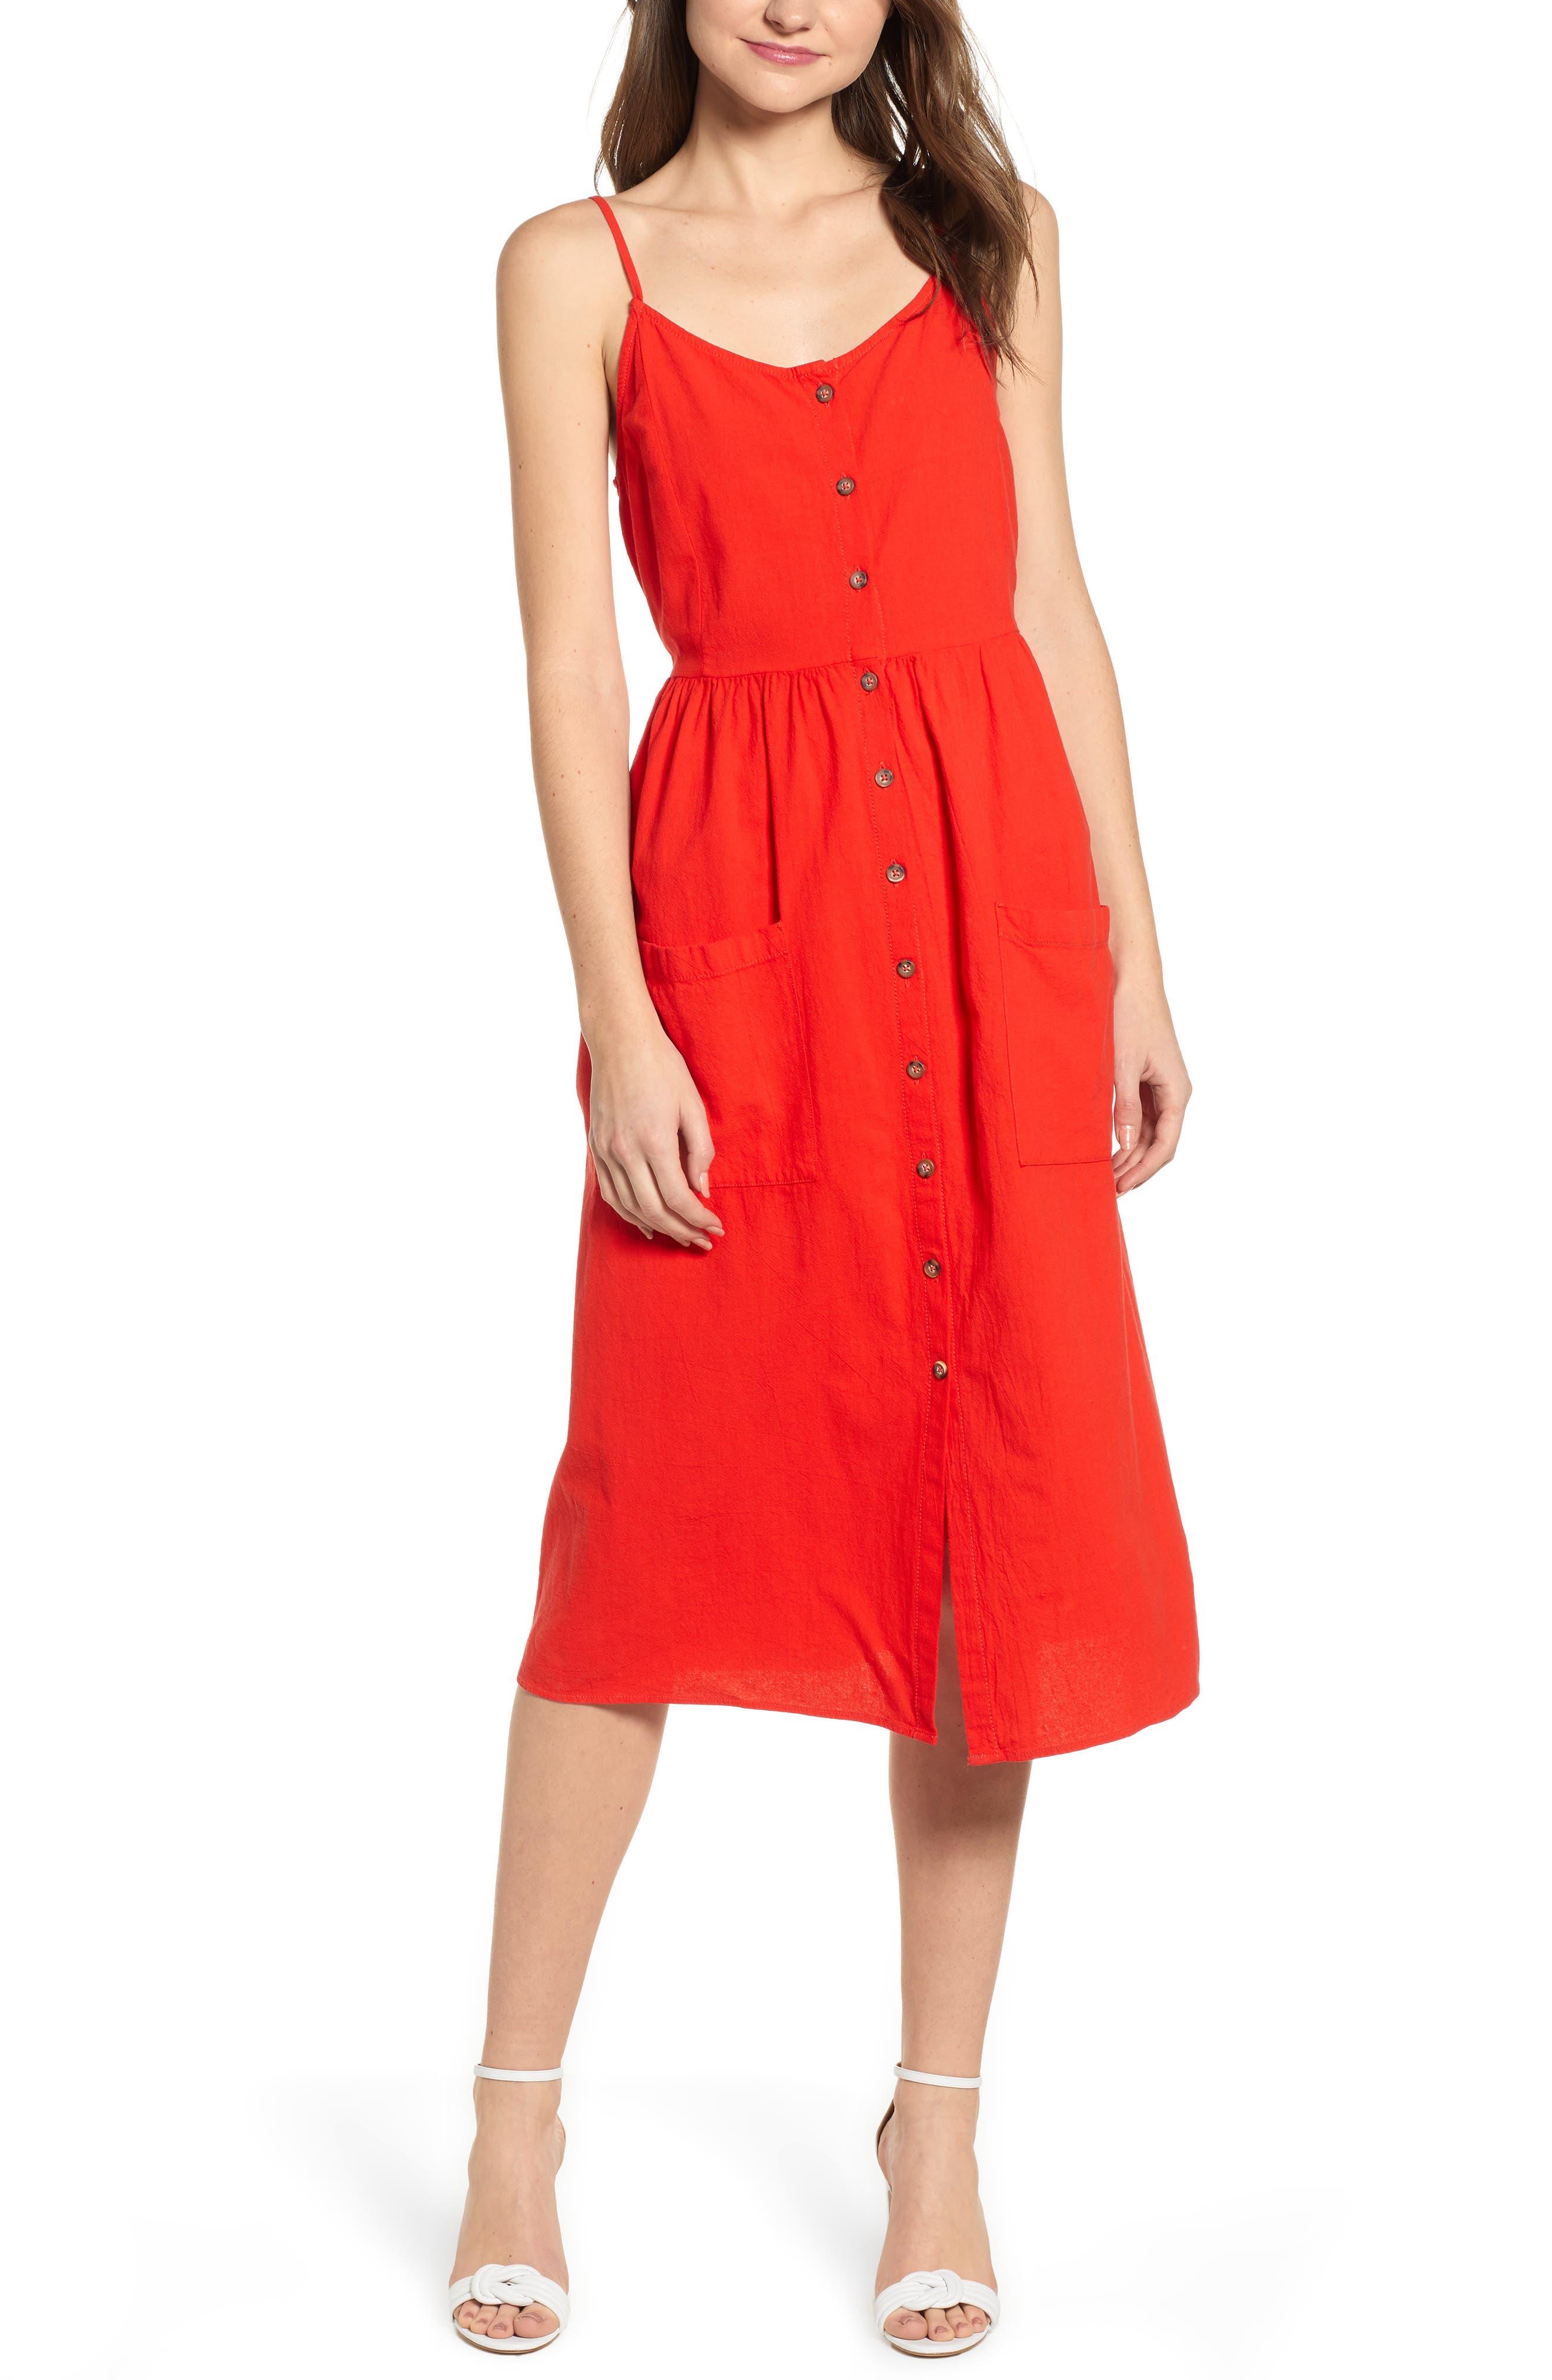 Vero Moda Wanda Sleeveless Dress, Red